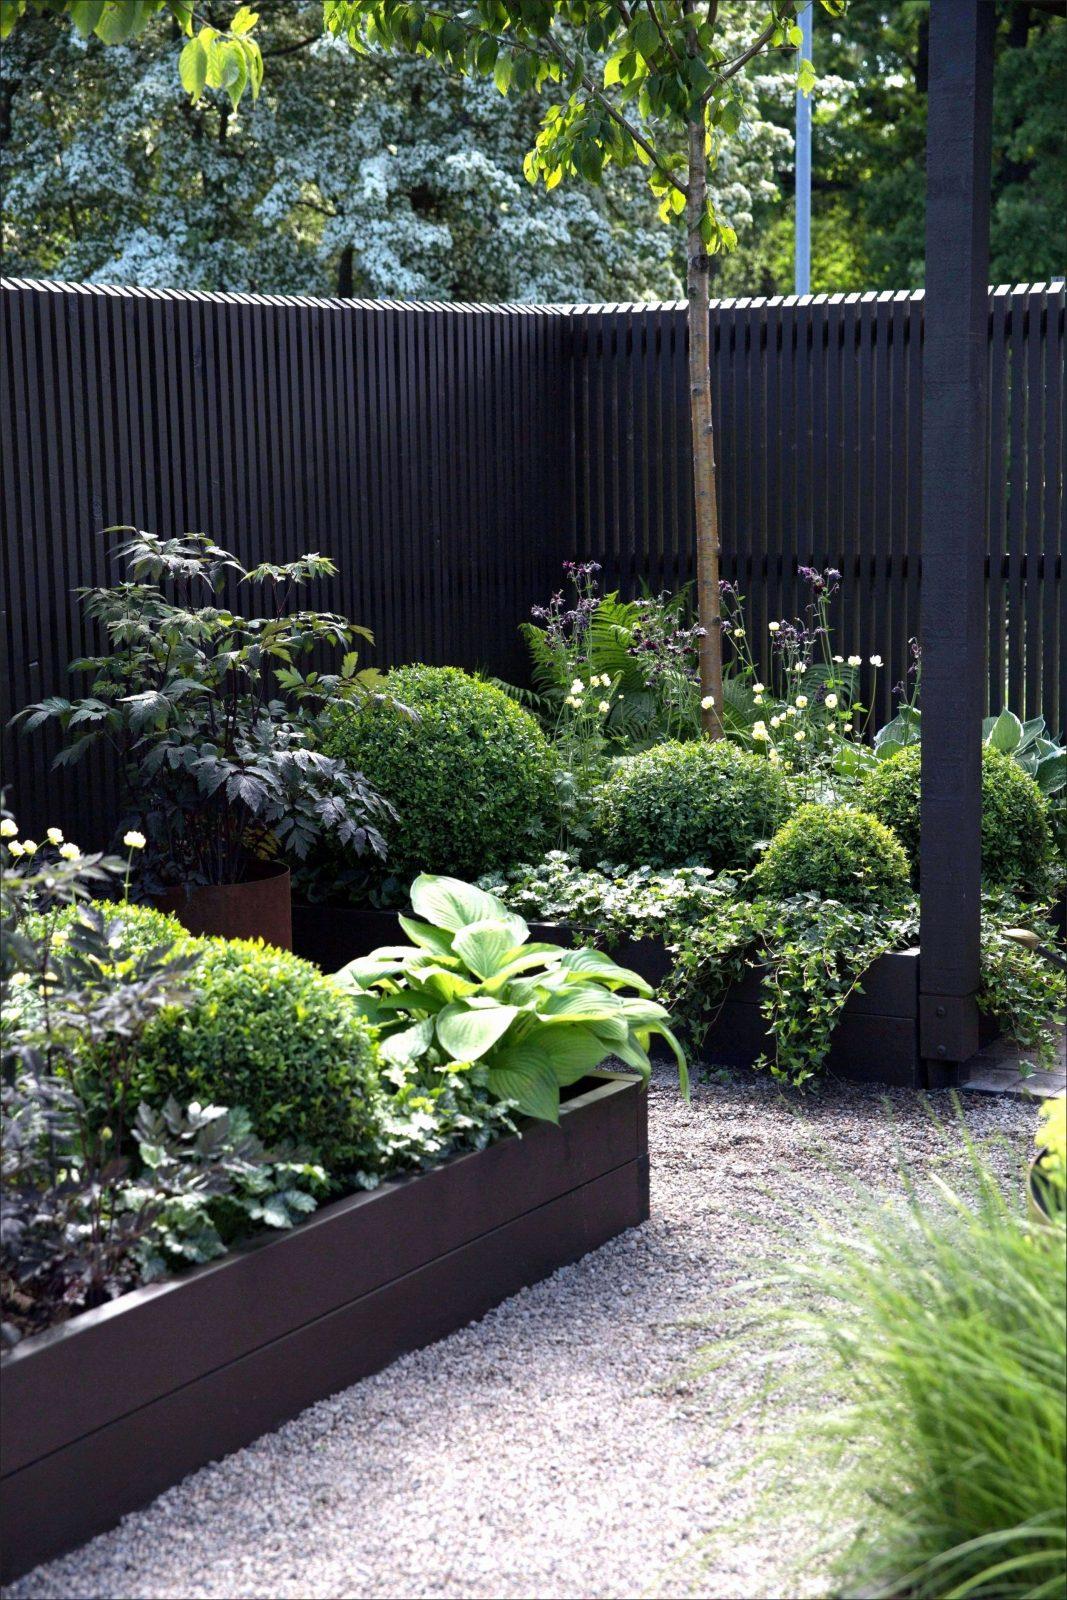 Schaukel Für Erwachsene Garten Inspirierend Holzhaus Für Garten Neu von Relax Schaukel Für Erwachsene Bild